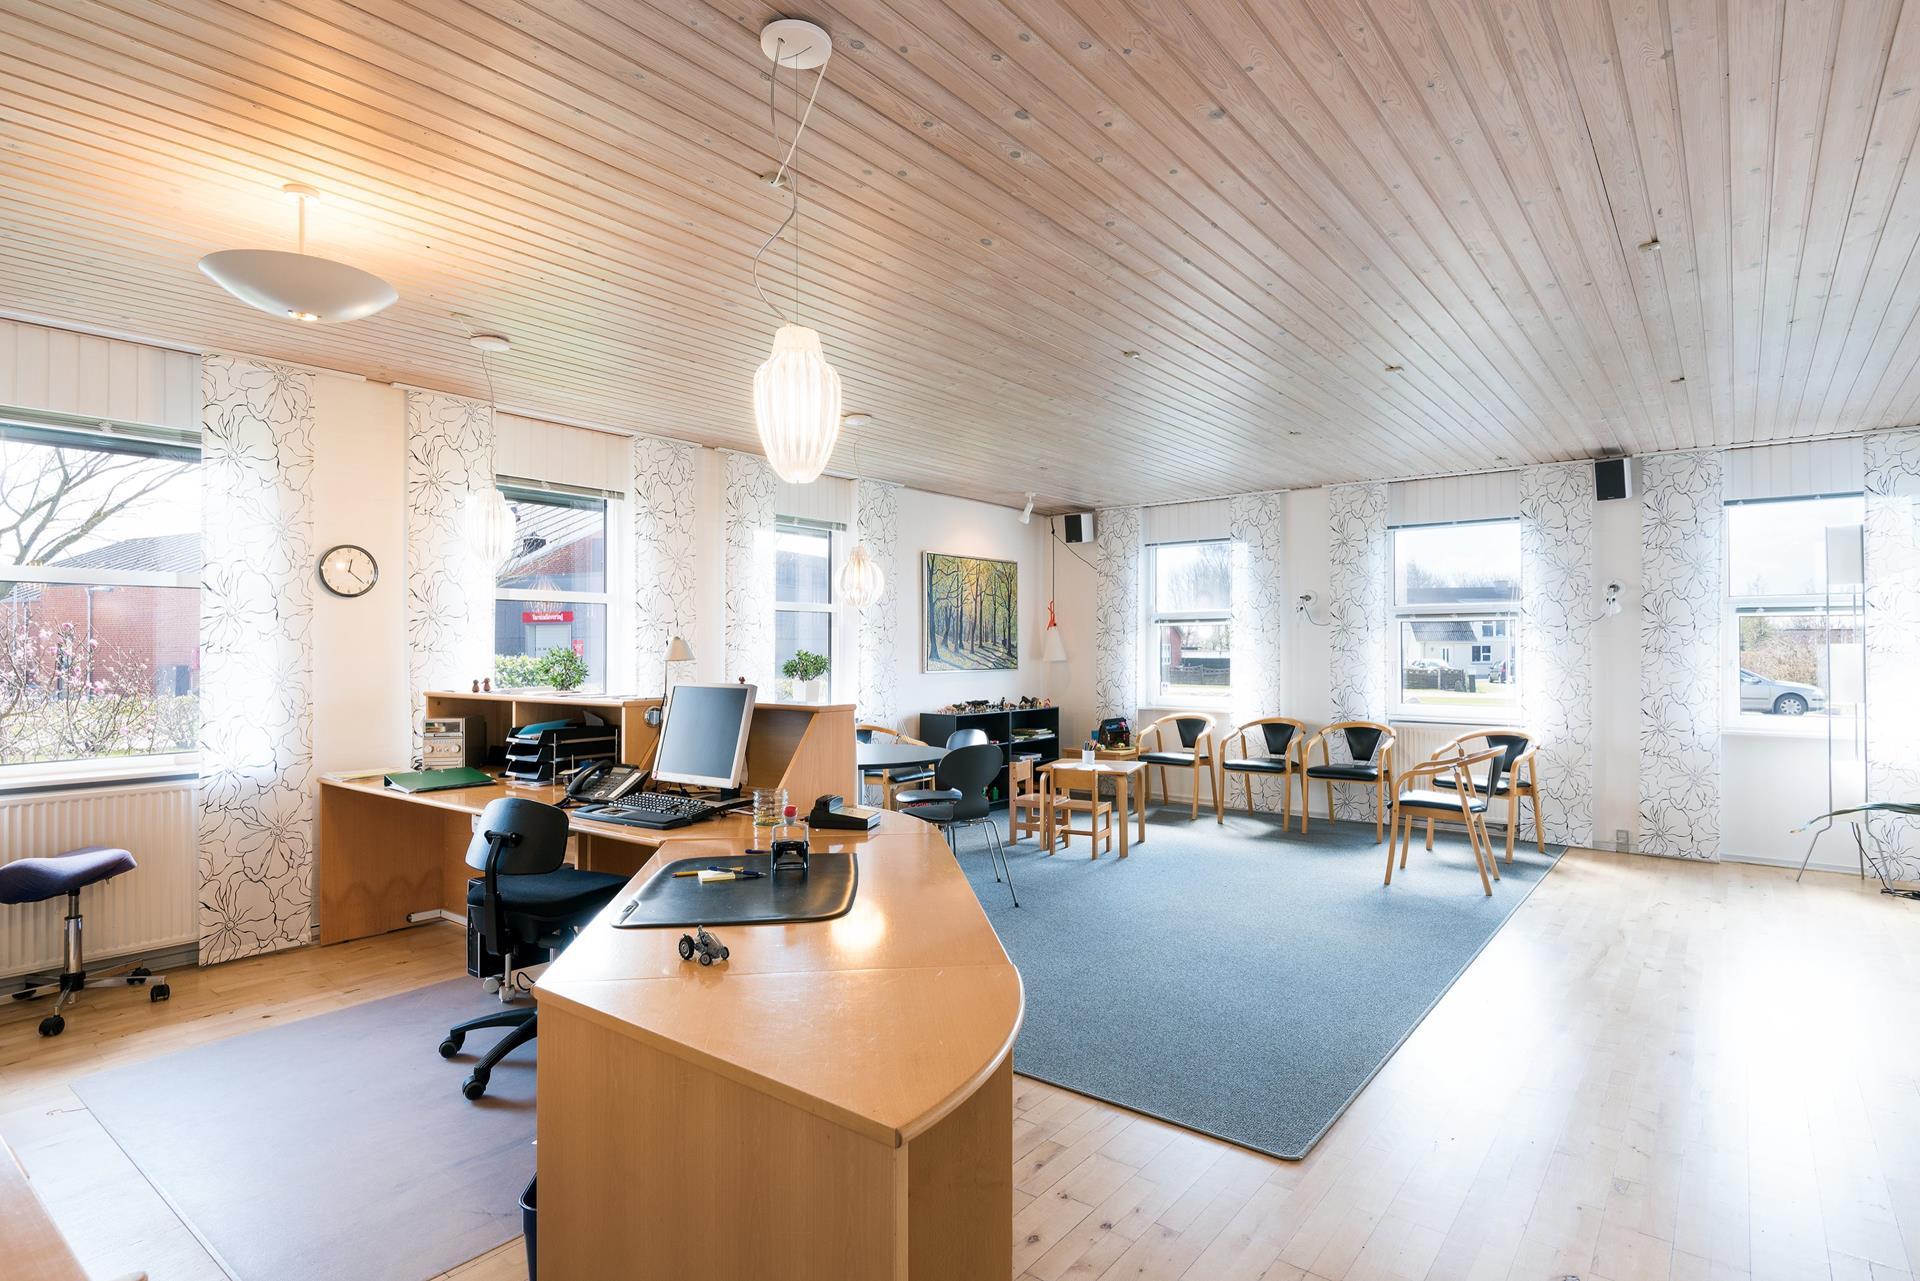 Bolig/erhverv på Vesterbro i Bindslev - Andet